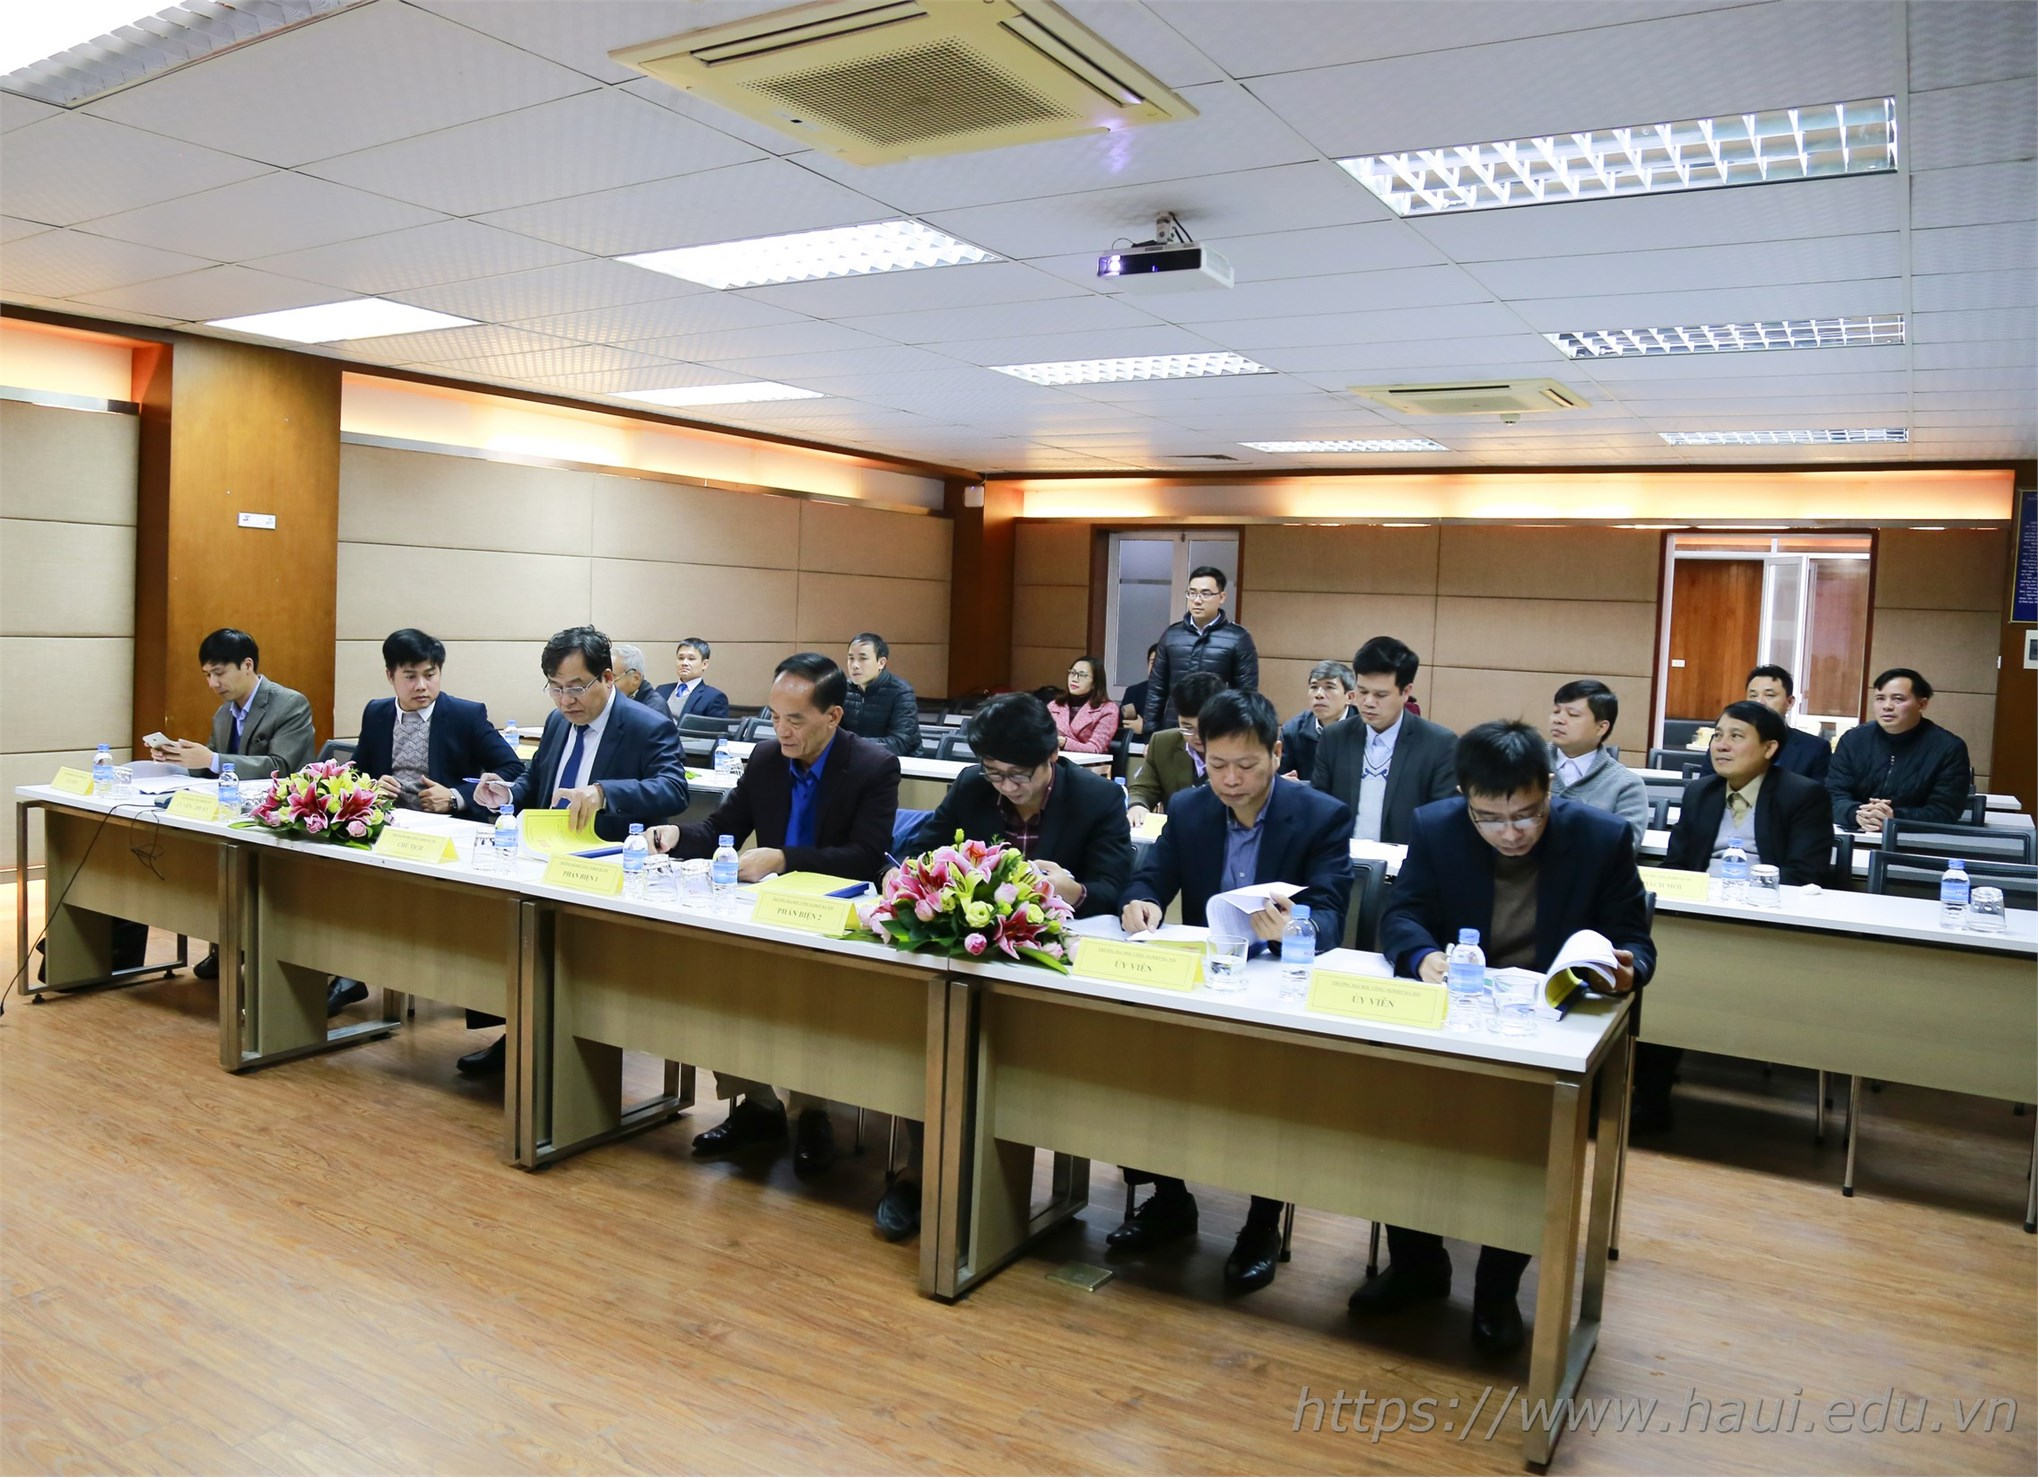 Đại học Công nghiệp Hà Nội tổ chức đánh giá luận án tiến sĩ cấp cơ sở chuyên ngành Kỹ thuật cơ khí